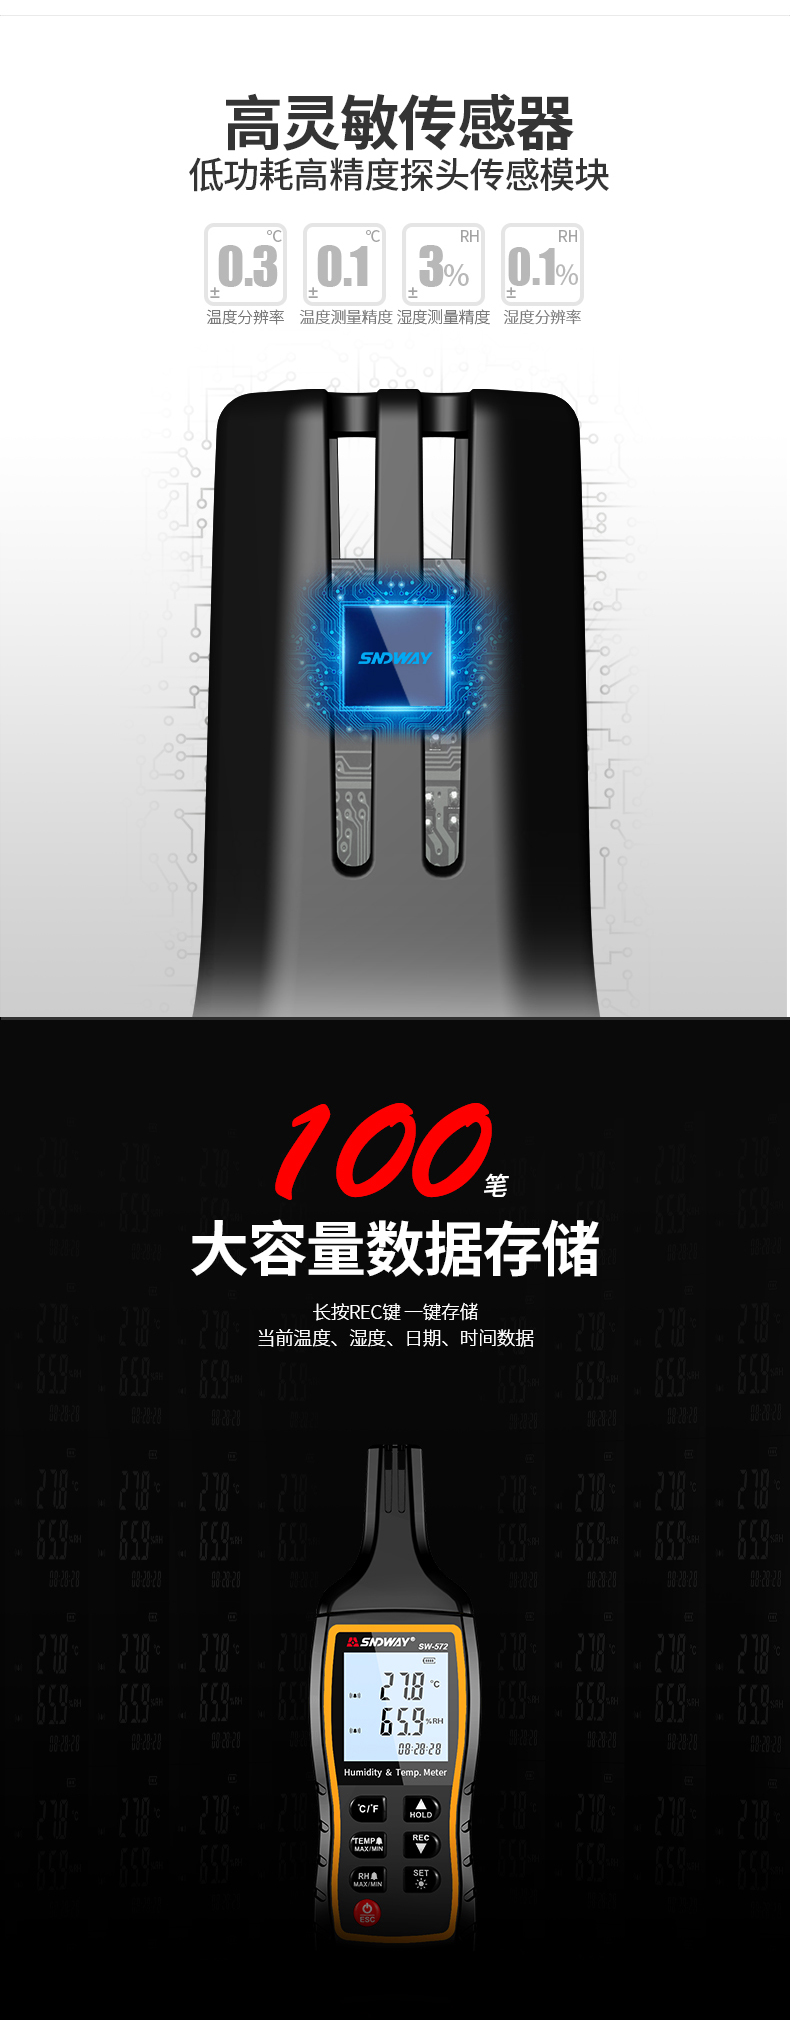 深达威温湿度计家用高精度室内外电子温度工业手持数字温湿表大棚-tmall_04